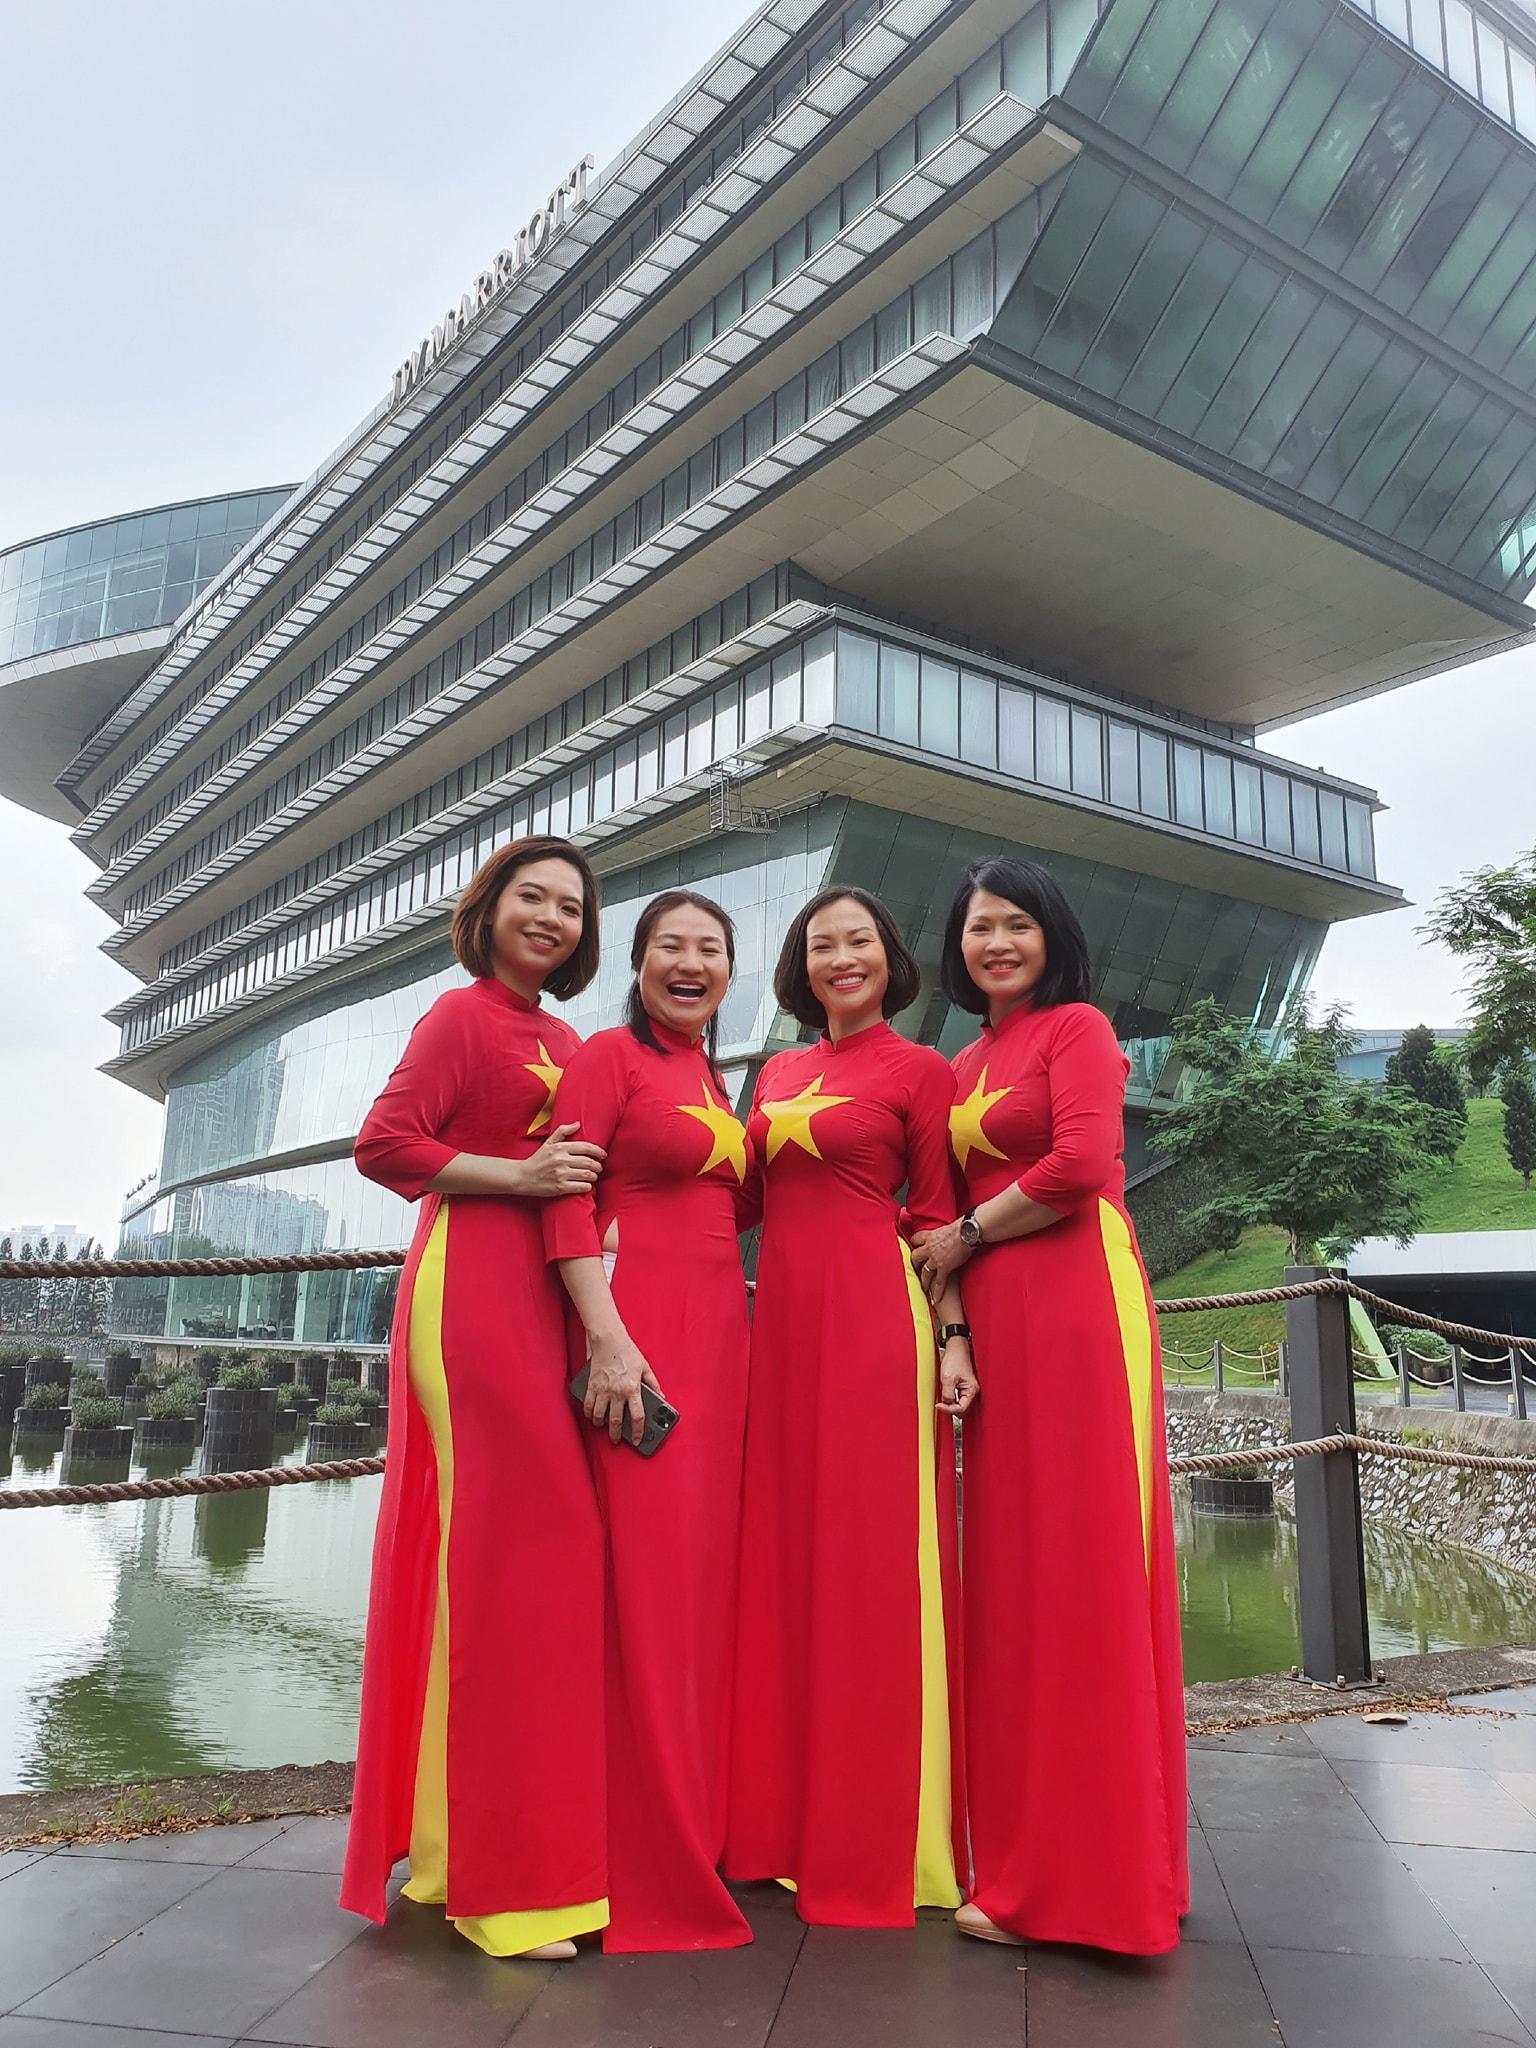 Áo dài cờ đỏ sao vàng | Ao dai